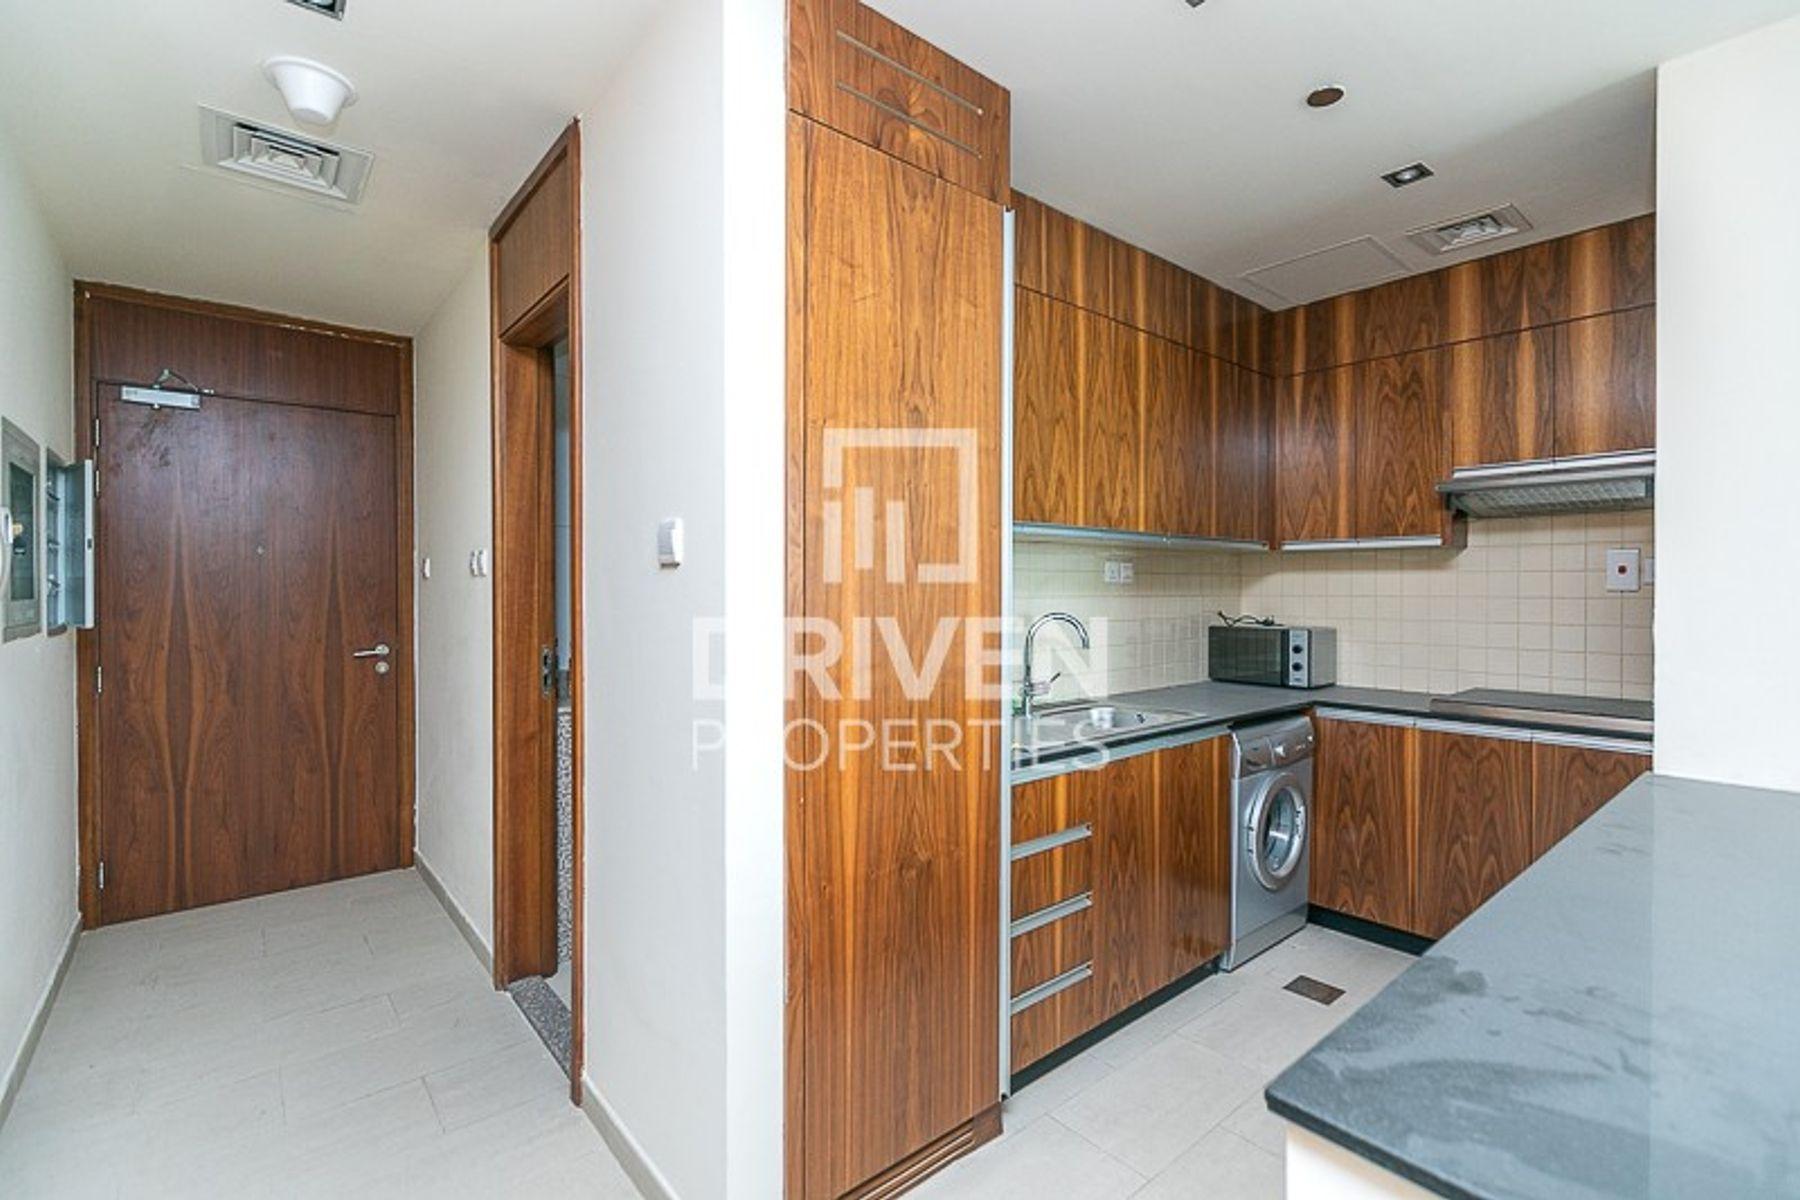 للايجار - شقة - ذا سبيريت - مدينة دبي الرياضية